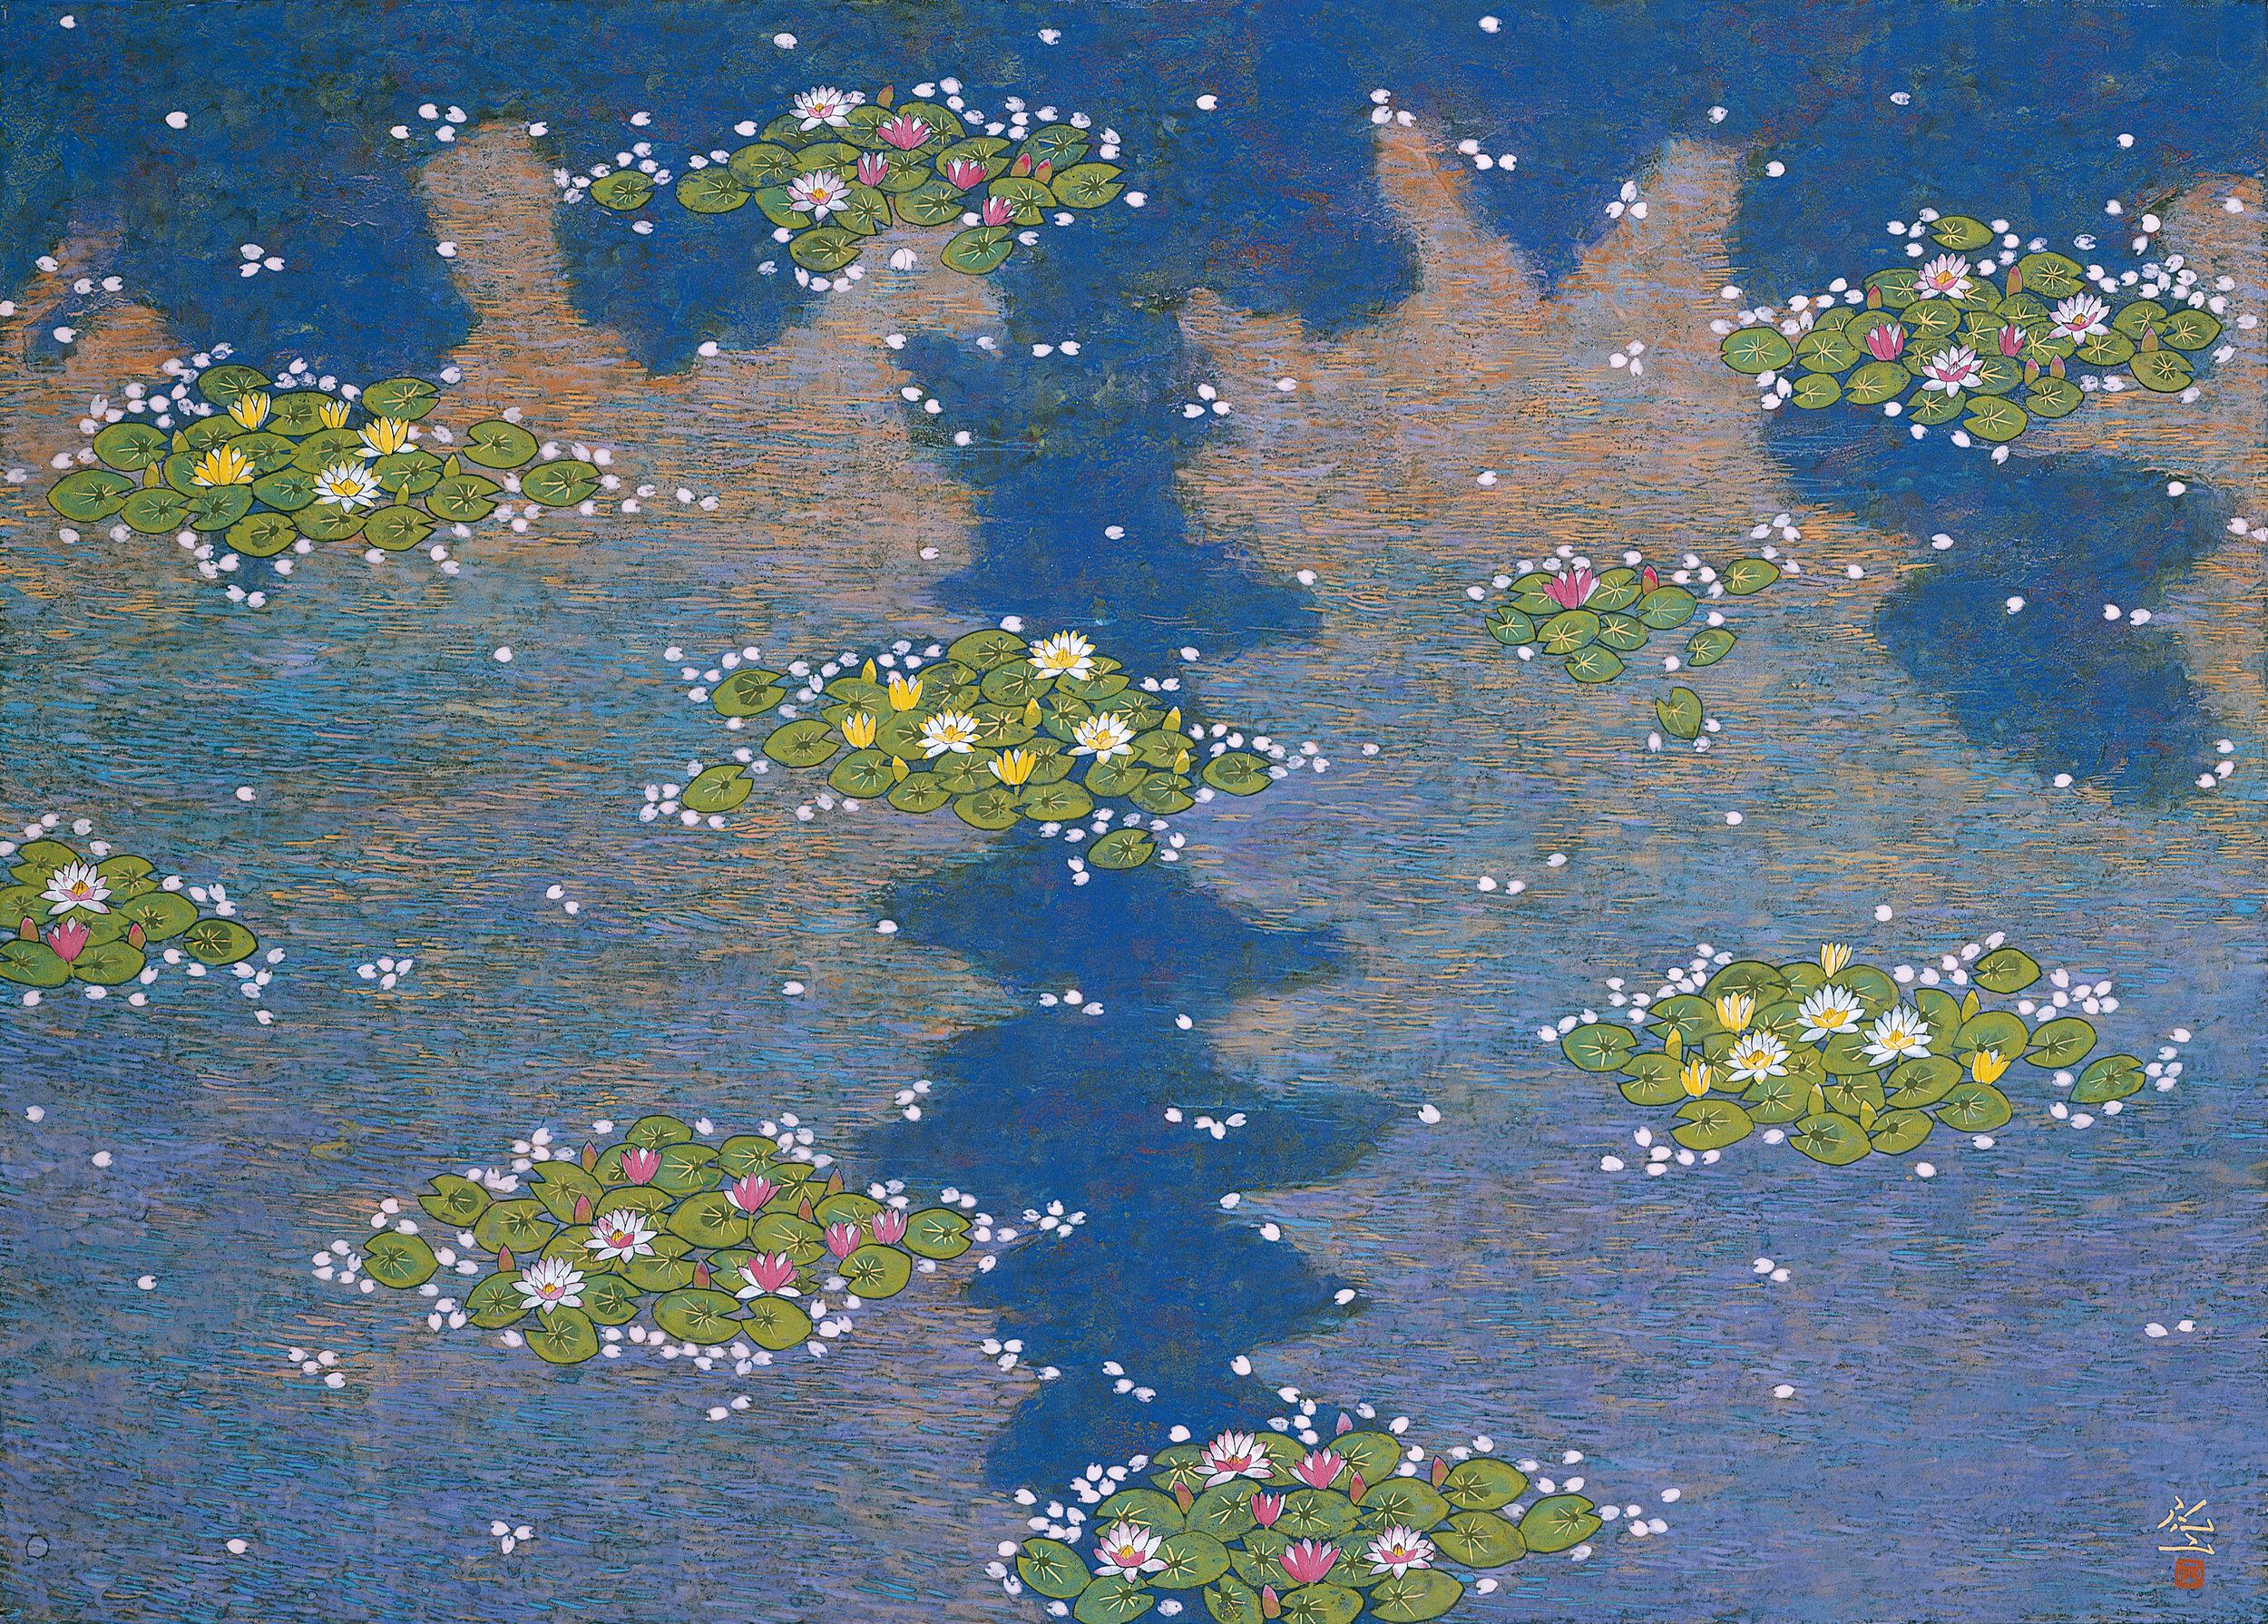 Reiji Hiramatsu 'Japonism - Monet's Pond' 2003